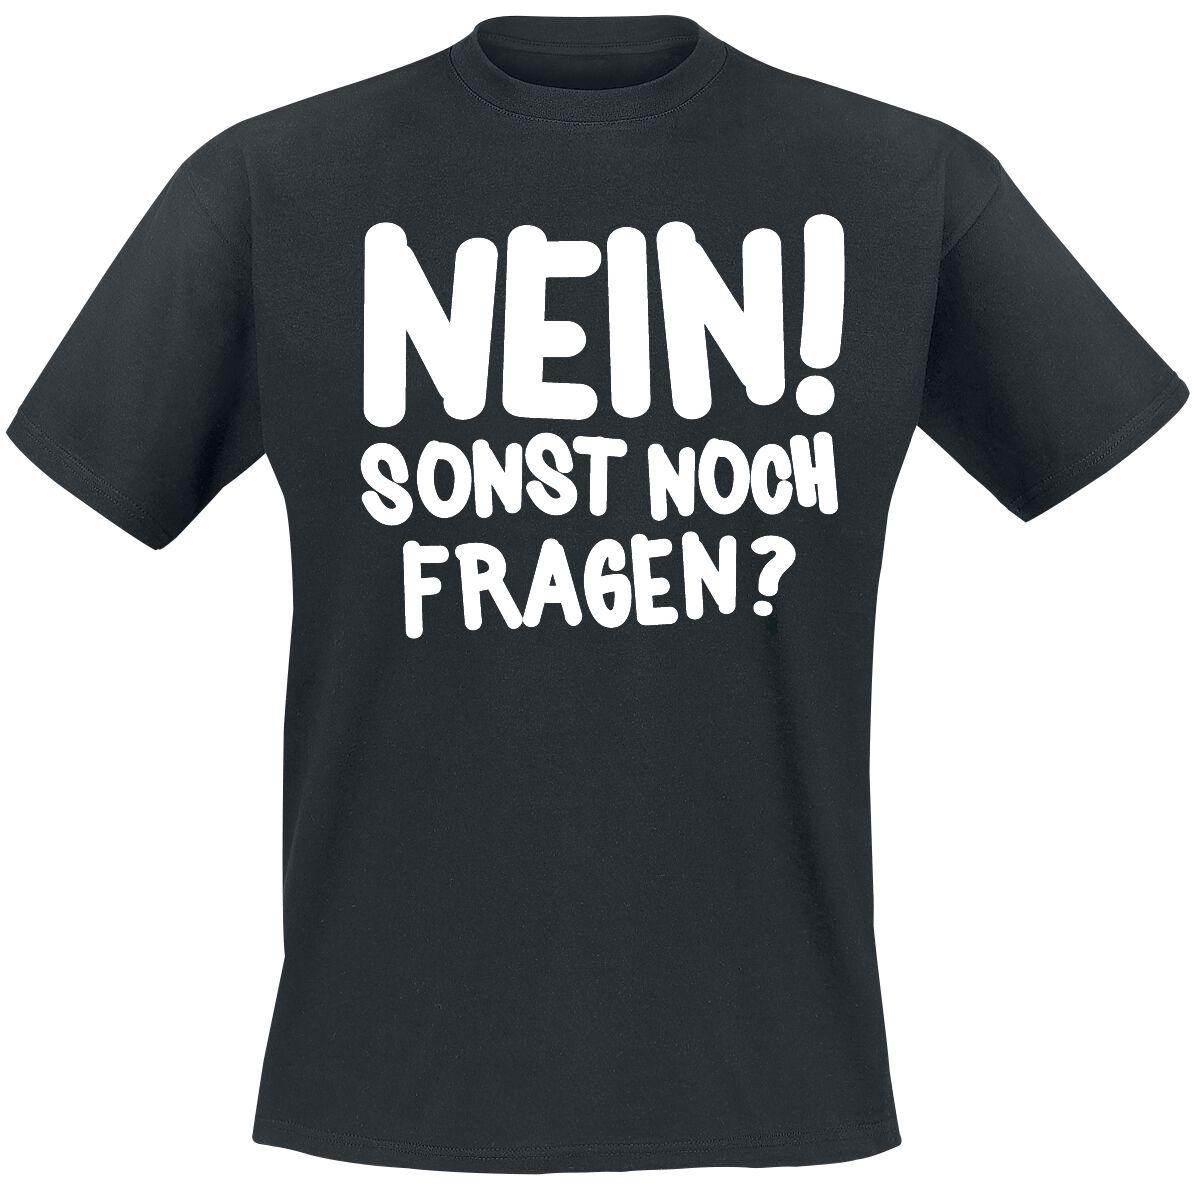 Nein! Sonst noch fragen? T-Shirt schwarz T2679